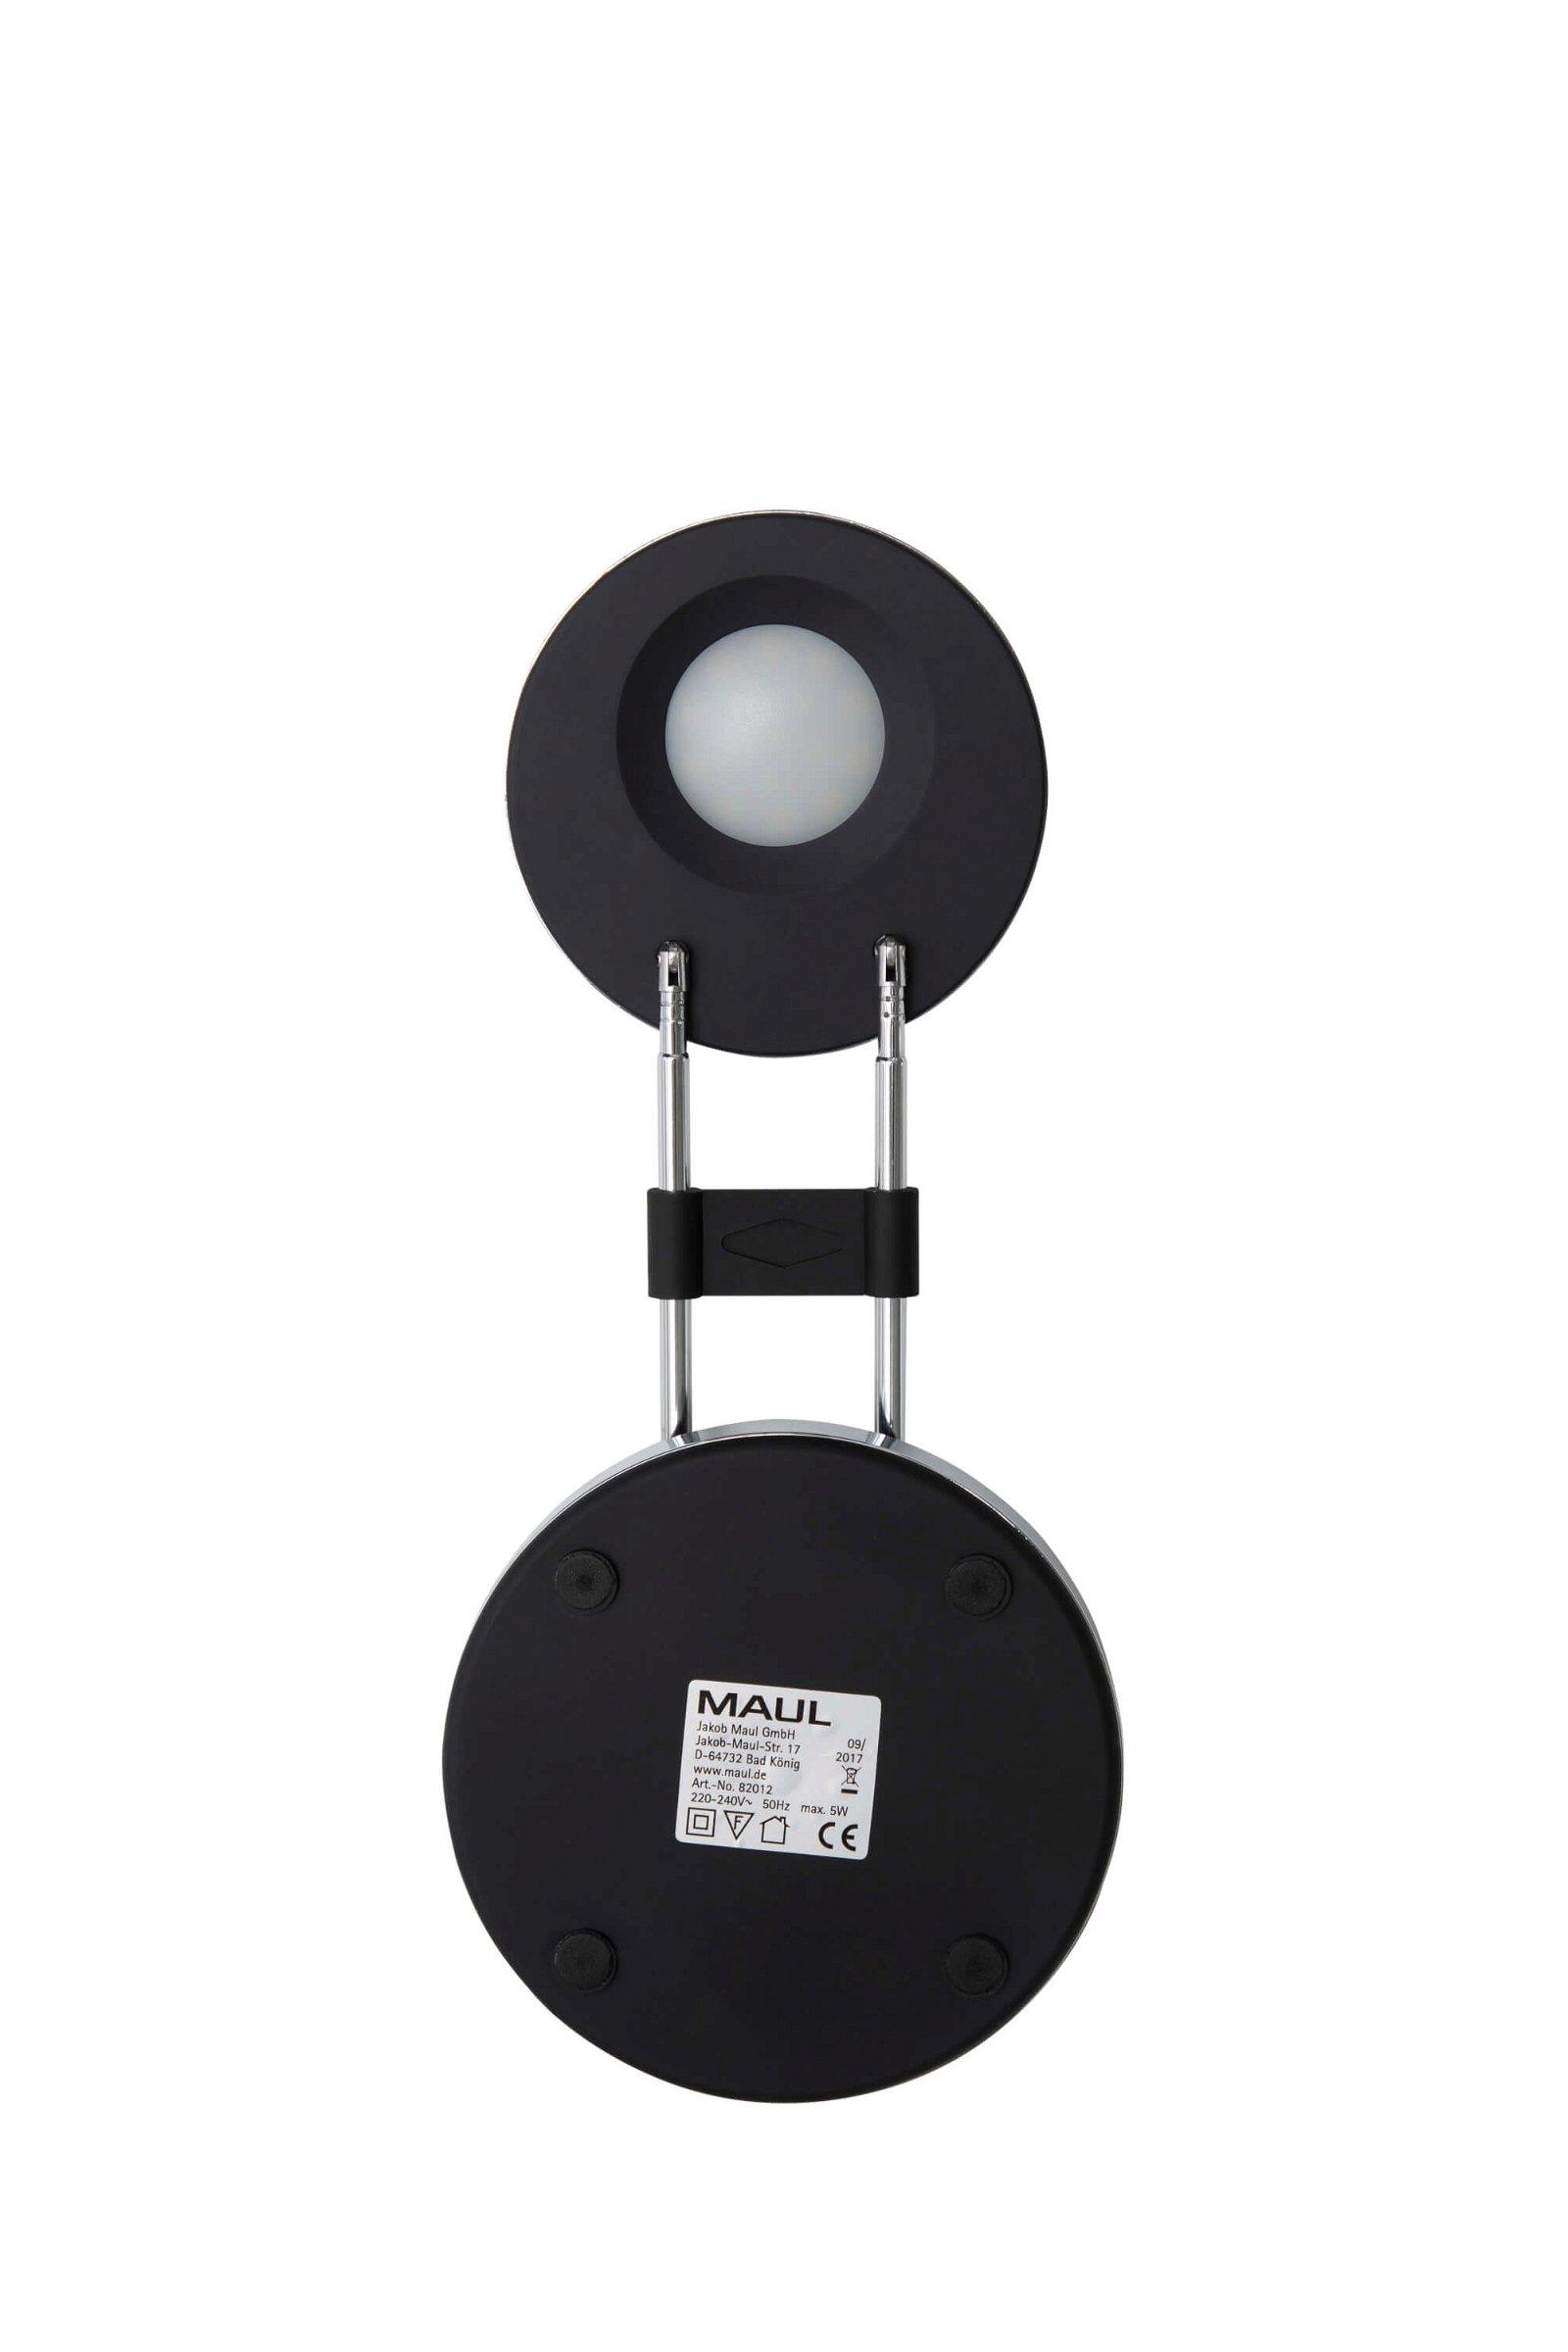 LED-Tischleuchte MAULpuck, schwarz